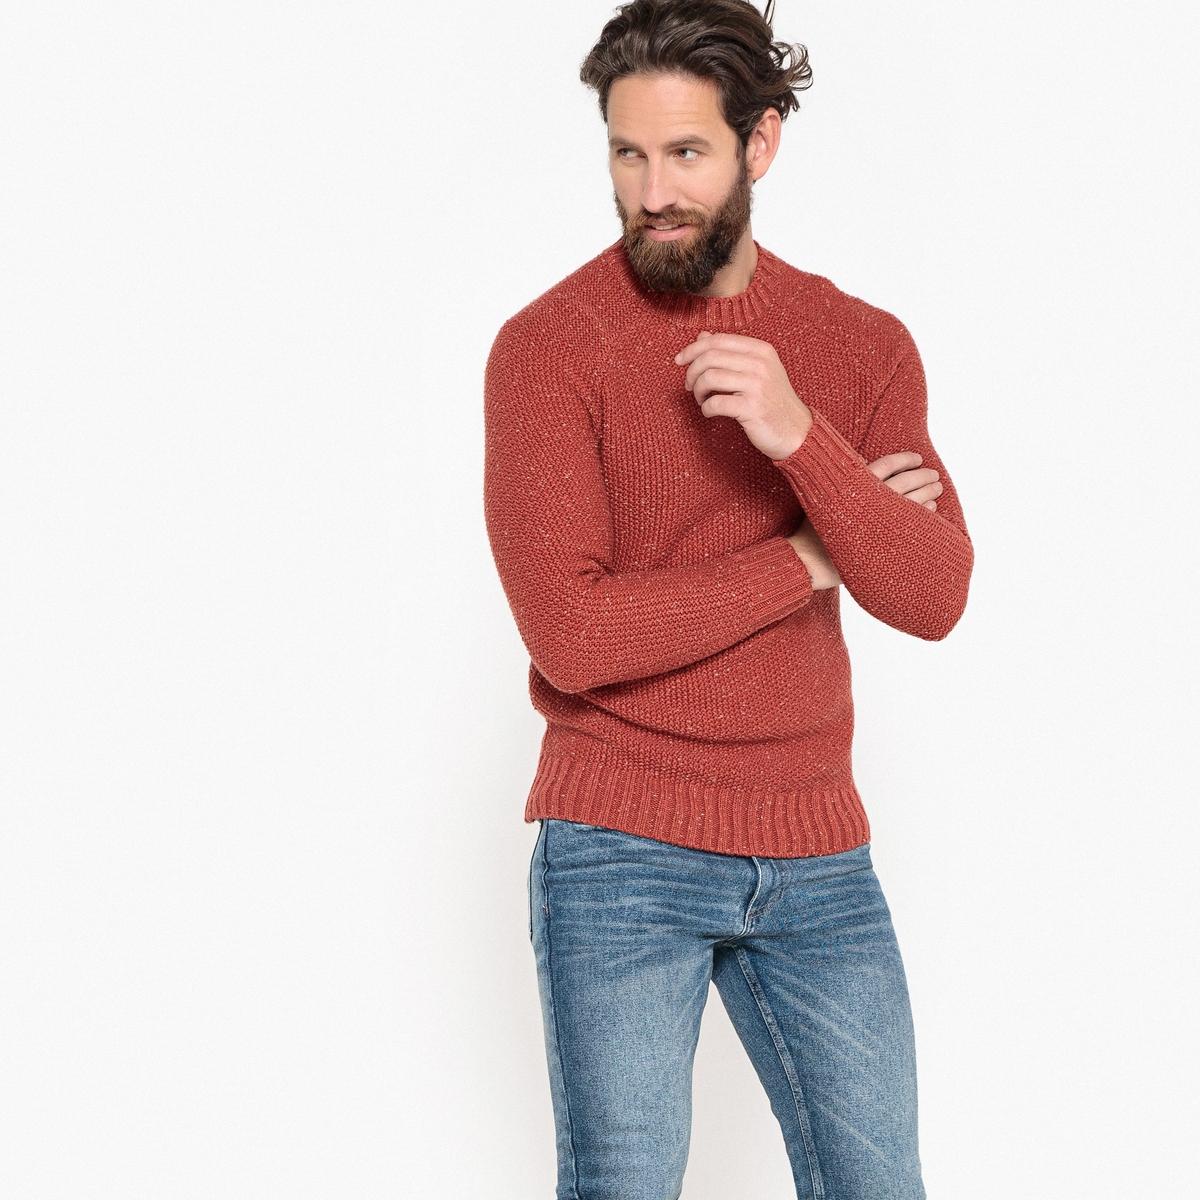 Пуловер La Redoute С круглым вырезом из плотного трикотажа 3XL красный пуловер la redoute с круглым вырезом из плотного трикотажа 3xl бежевый